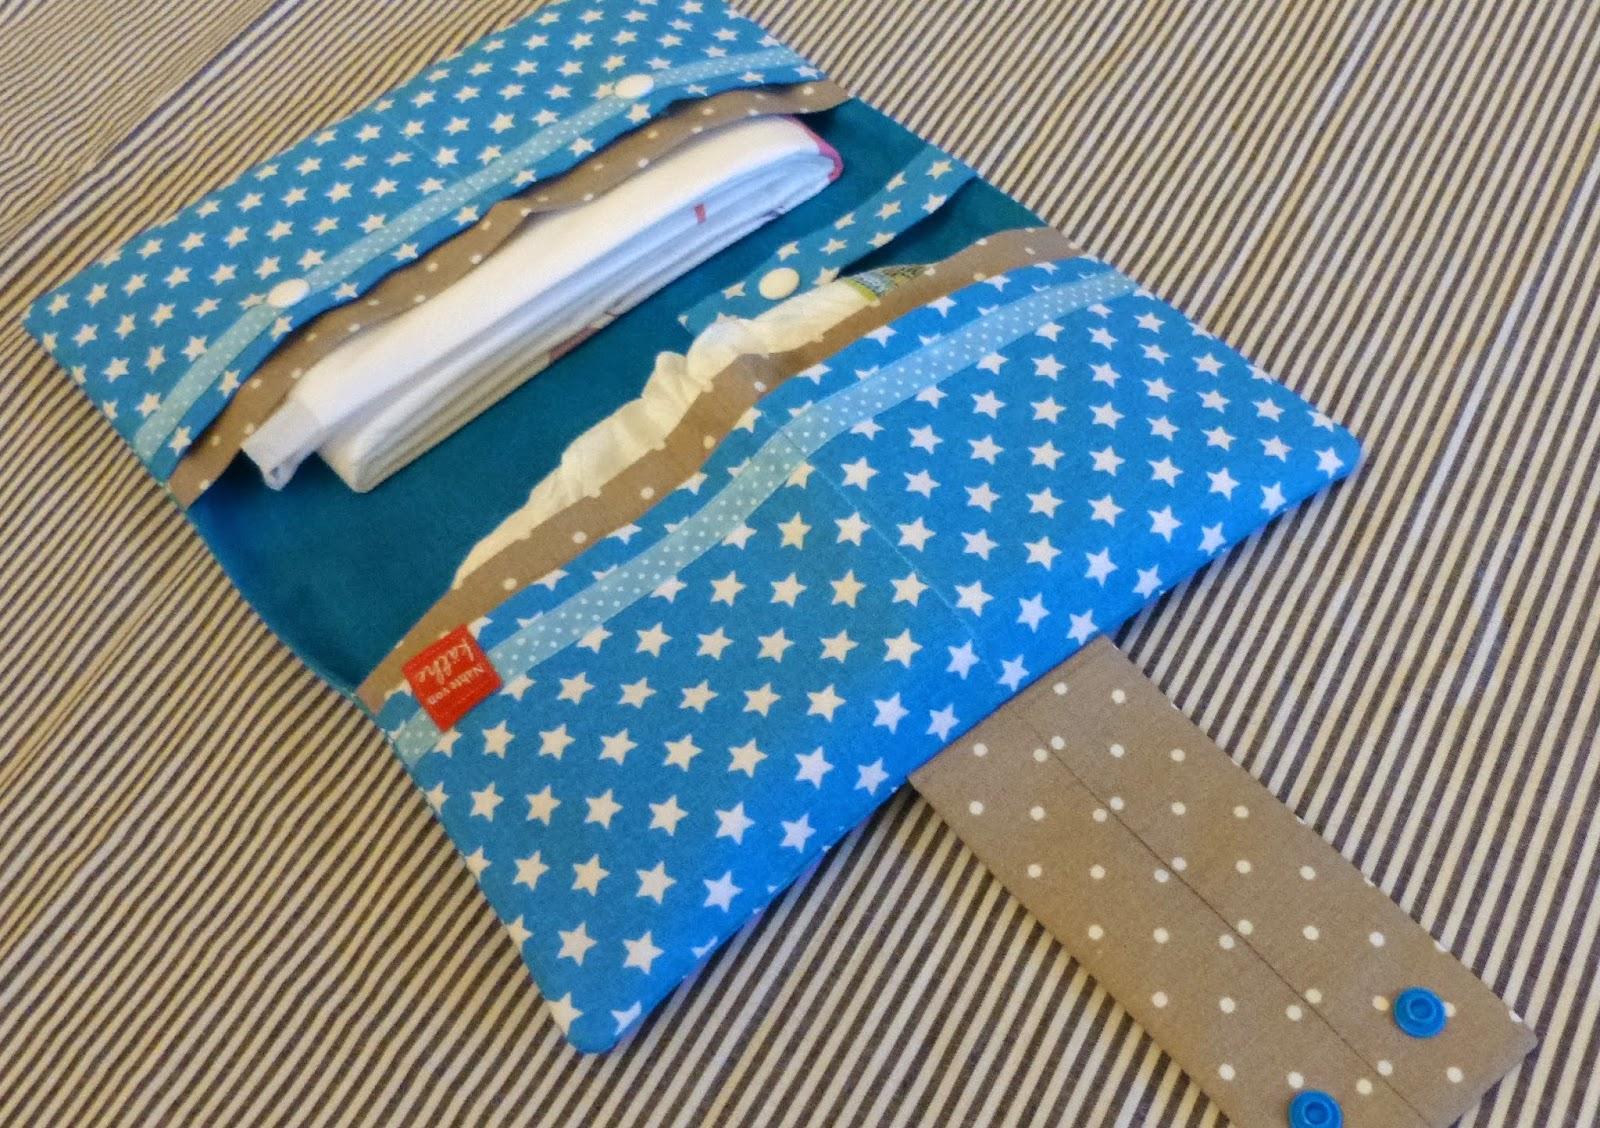 aufgeklappte Windeltasche befüllt mit Windeln, Wickelunterlage und Feuchttücher, die Nuckelkette verhindert das verlieren des Nuckels